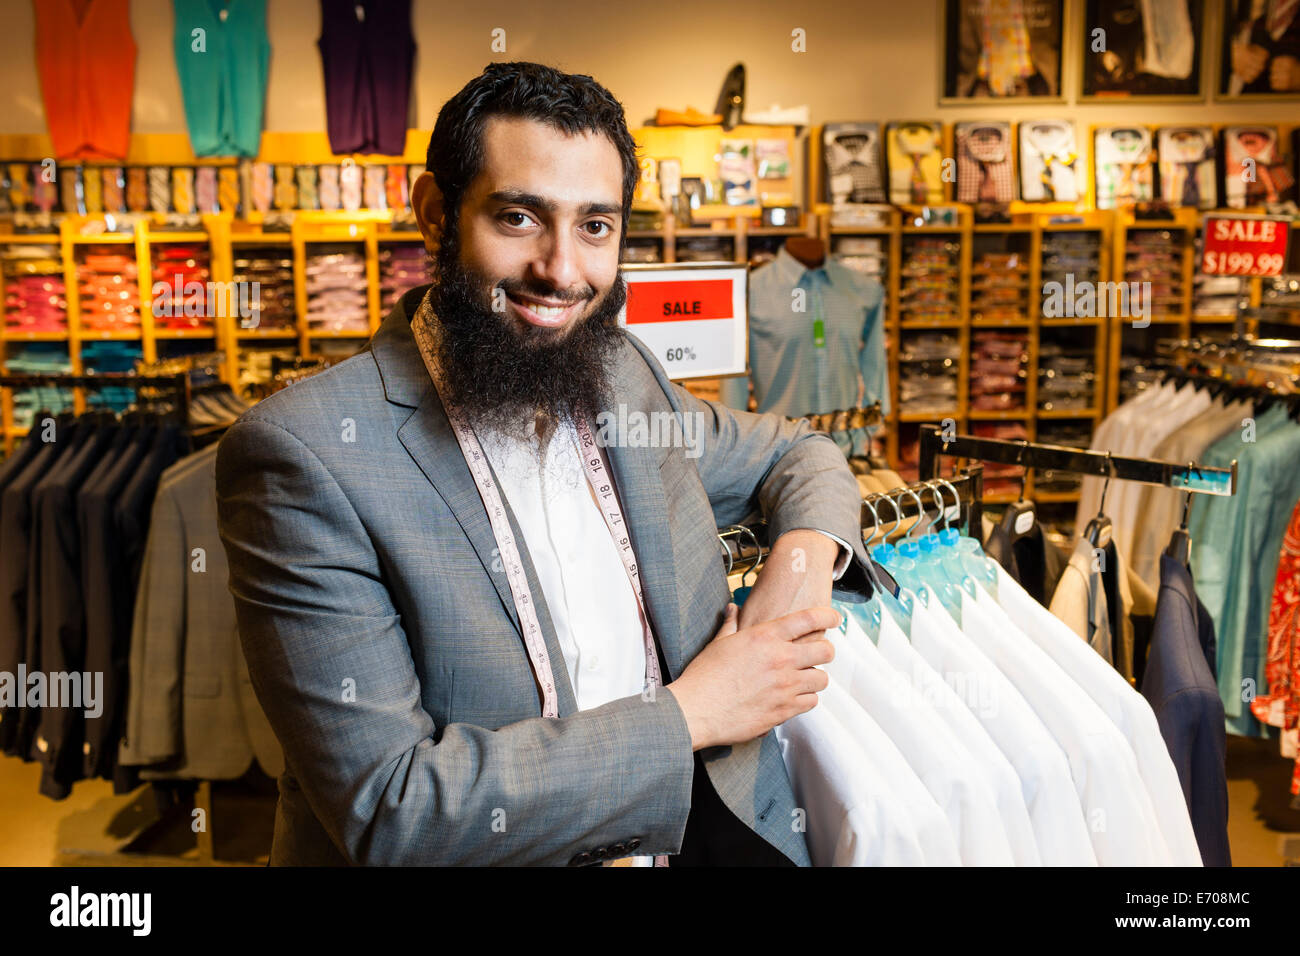 Retrato de sastre inclinada contra los raíles en la tienda de ropa de hombres Imagen De Stock